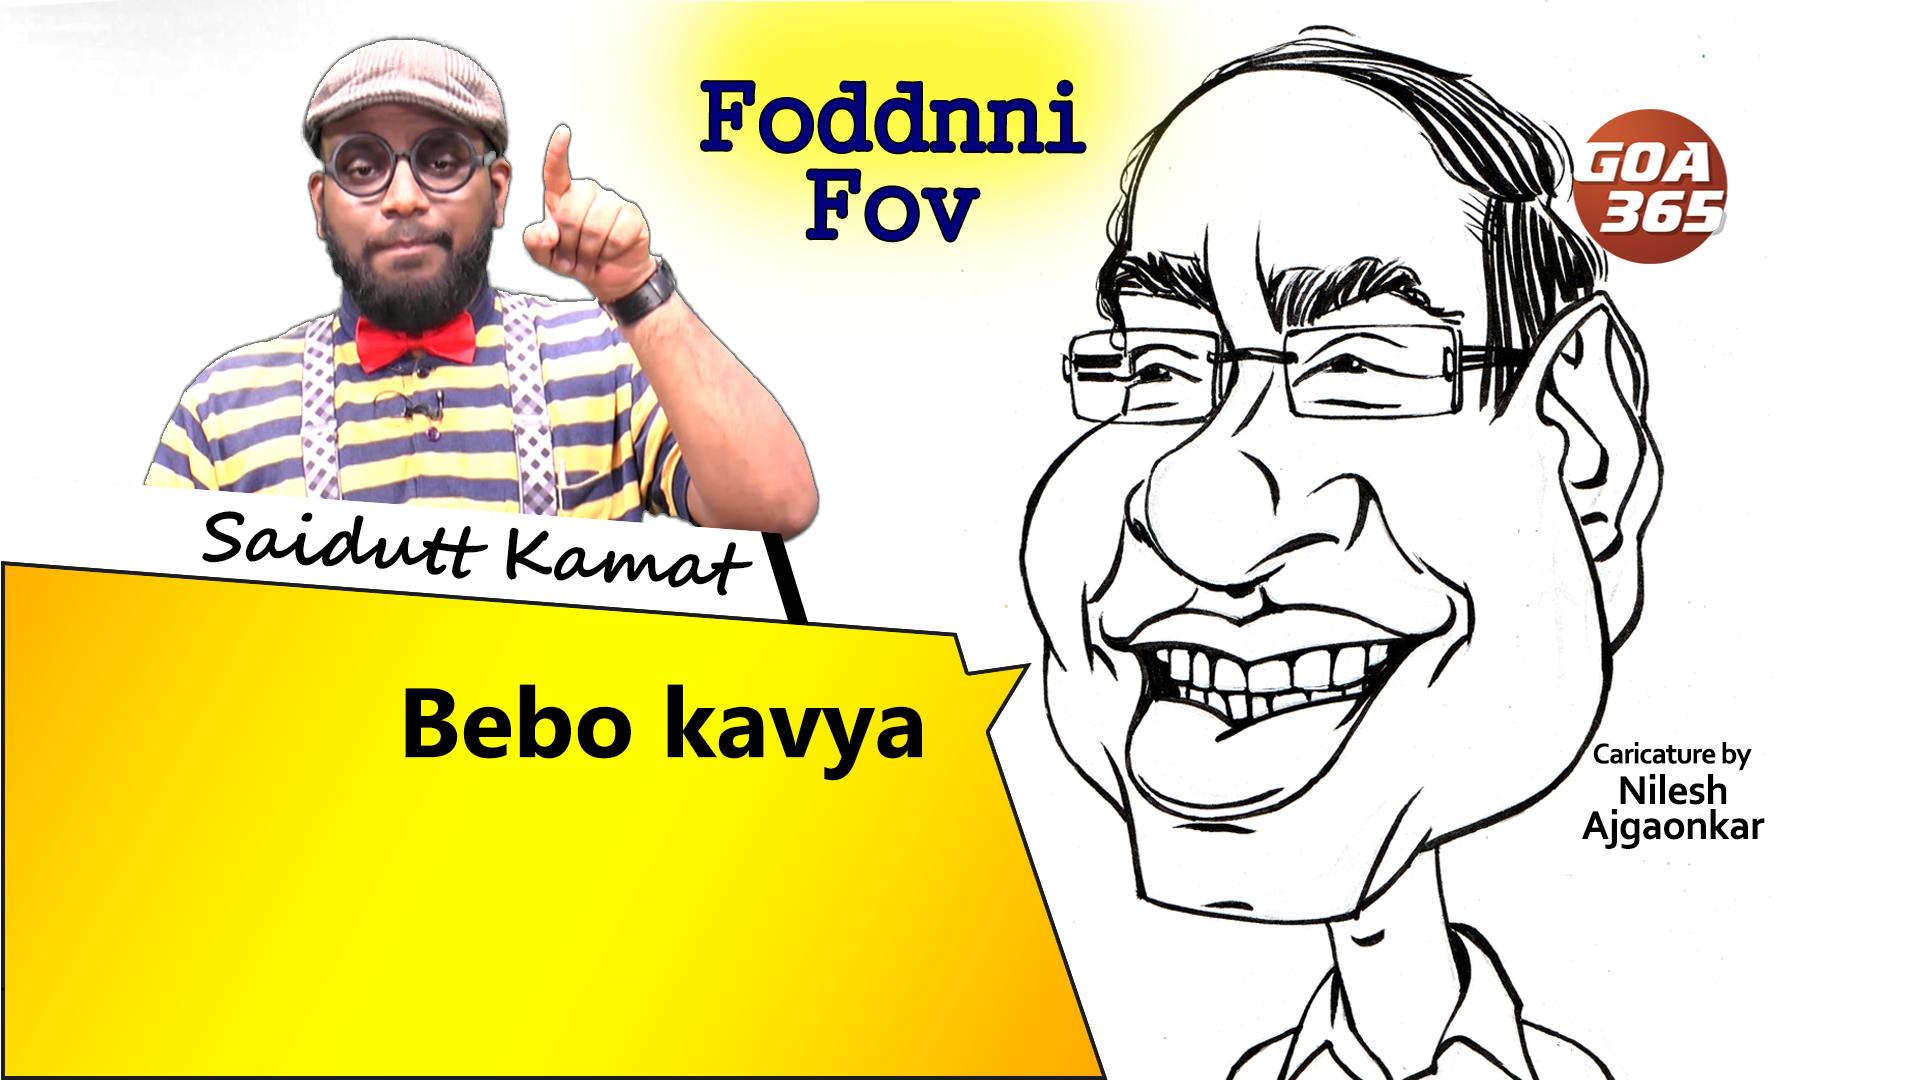 FODDNNI FOV : Bebo Kavya